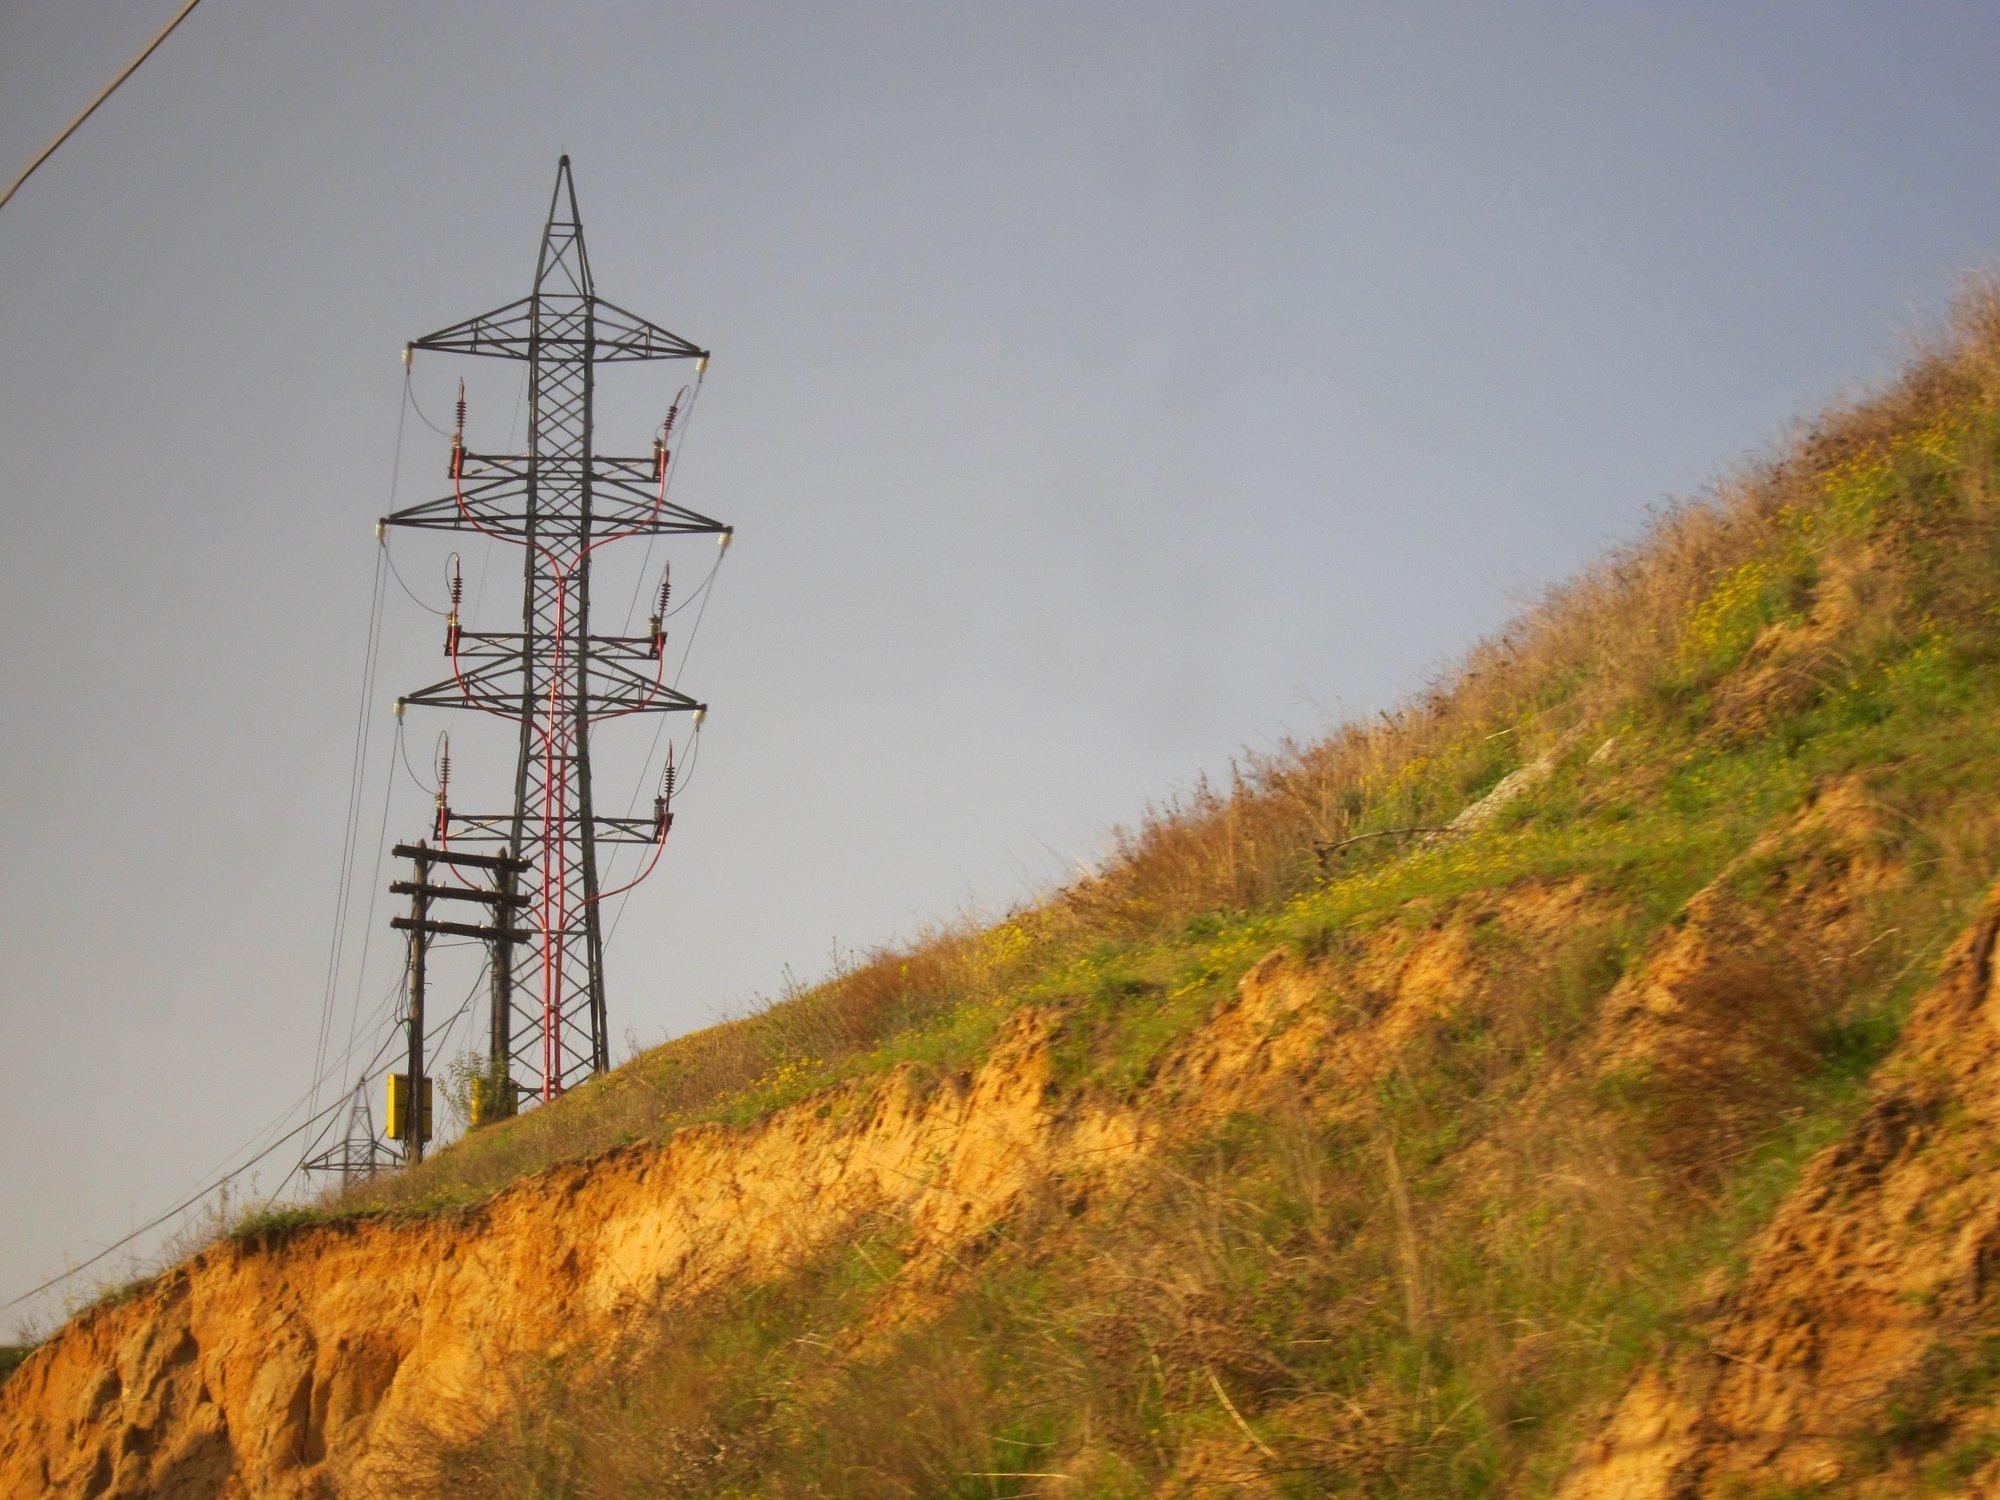 El TSJC establece en 10 millones de euros la sanción a Red Eléctrica por el apagón de 2007 en Barcelona